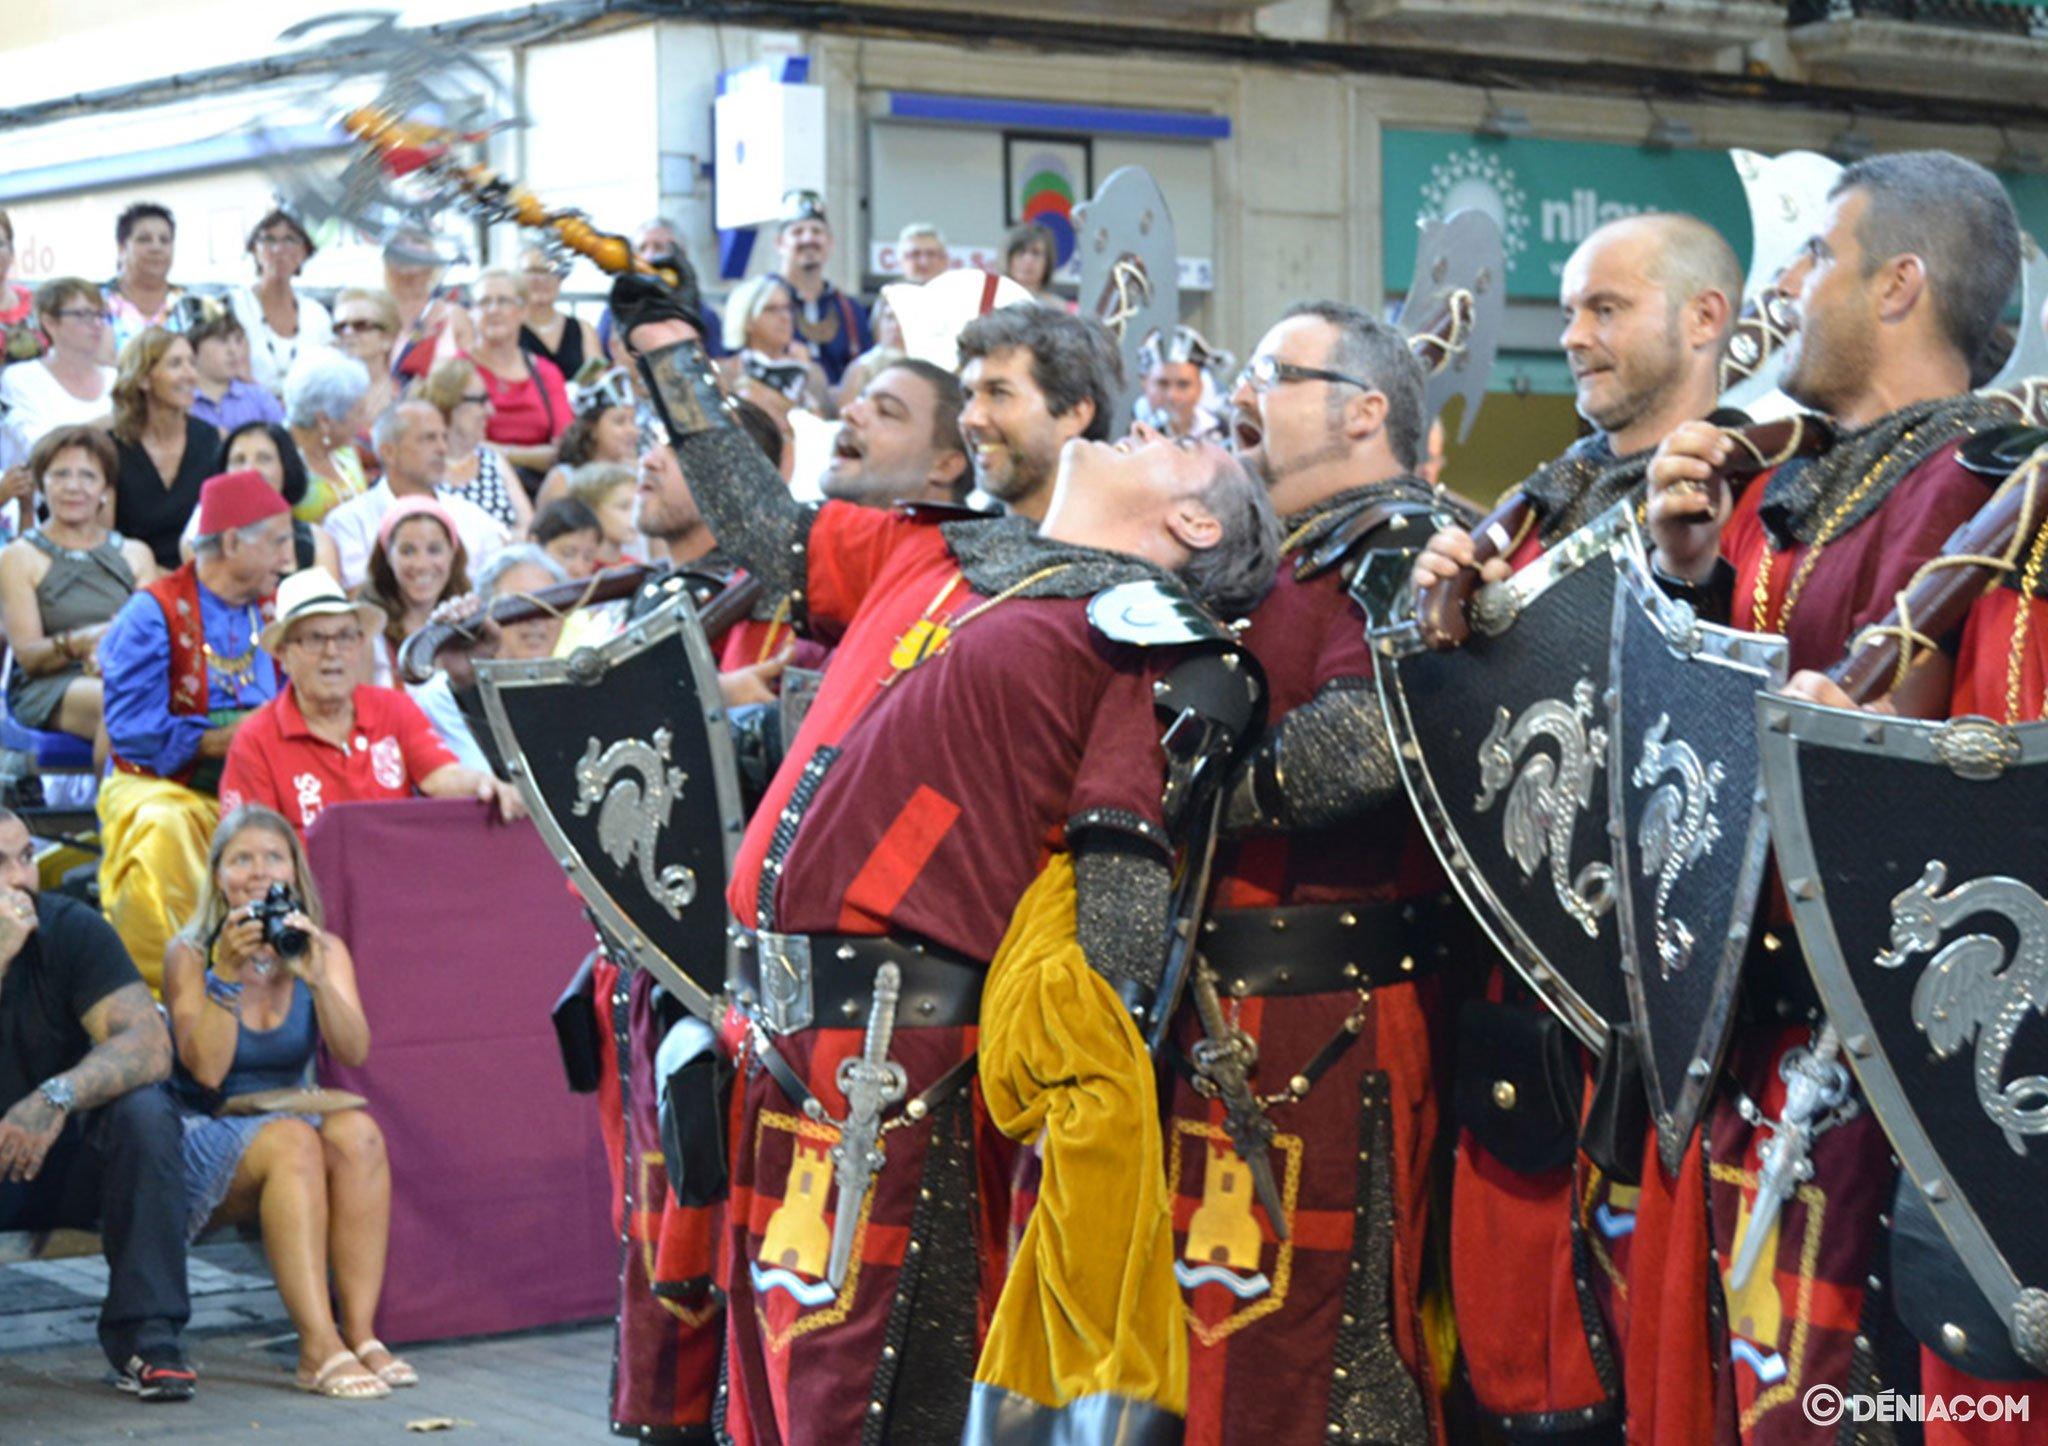 Desfile de gala Dénia 2014 – Filà Deniers